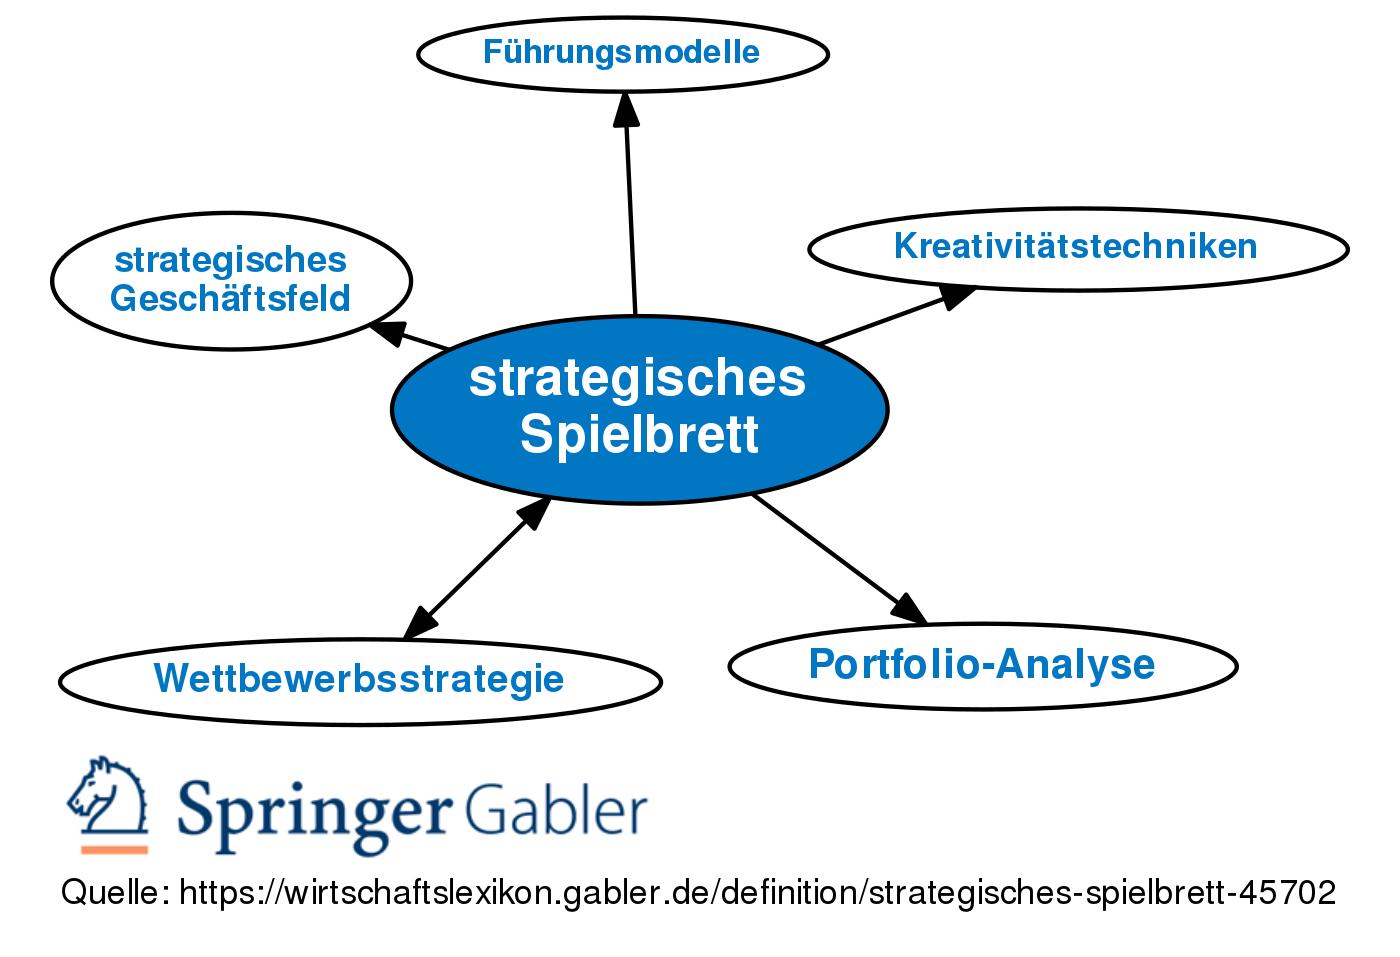 Strategisches Spielbrett Definition Gabler Wirtschaftslexikon